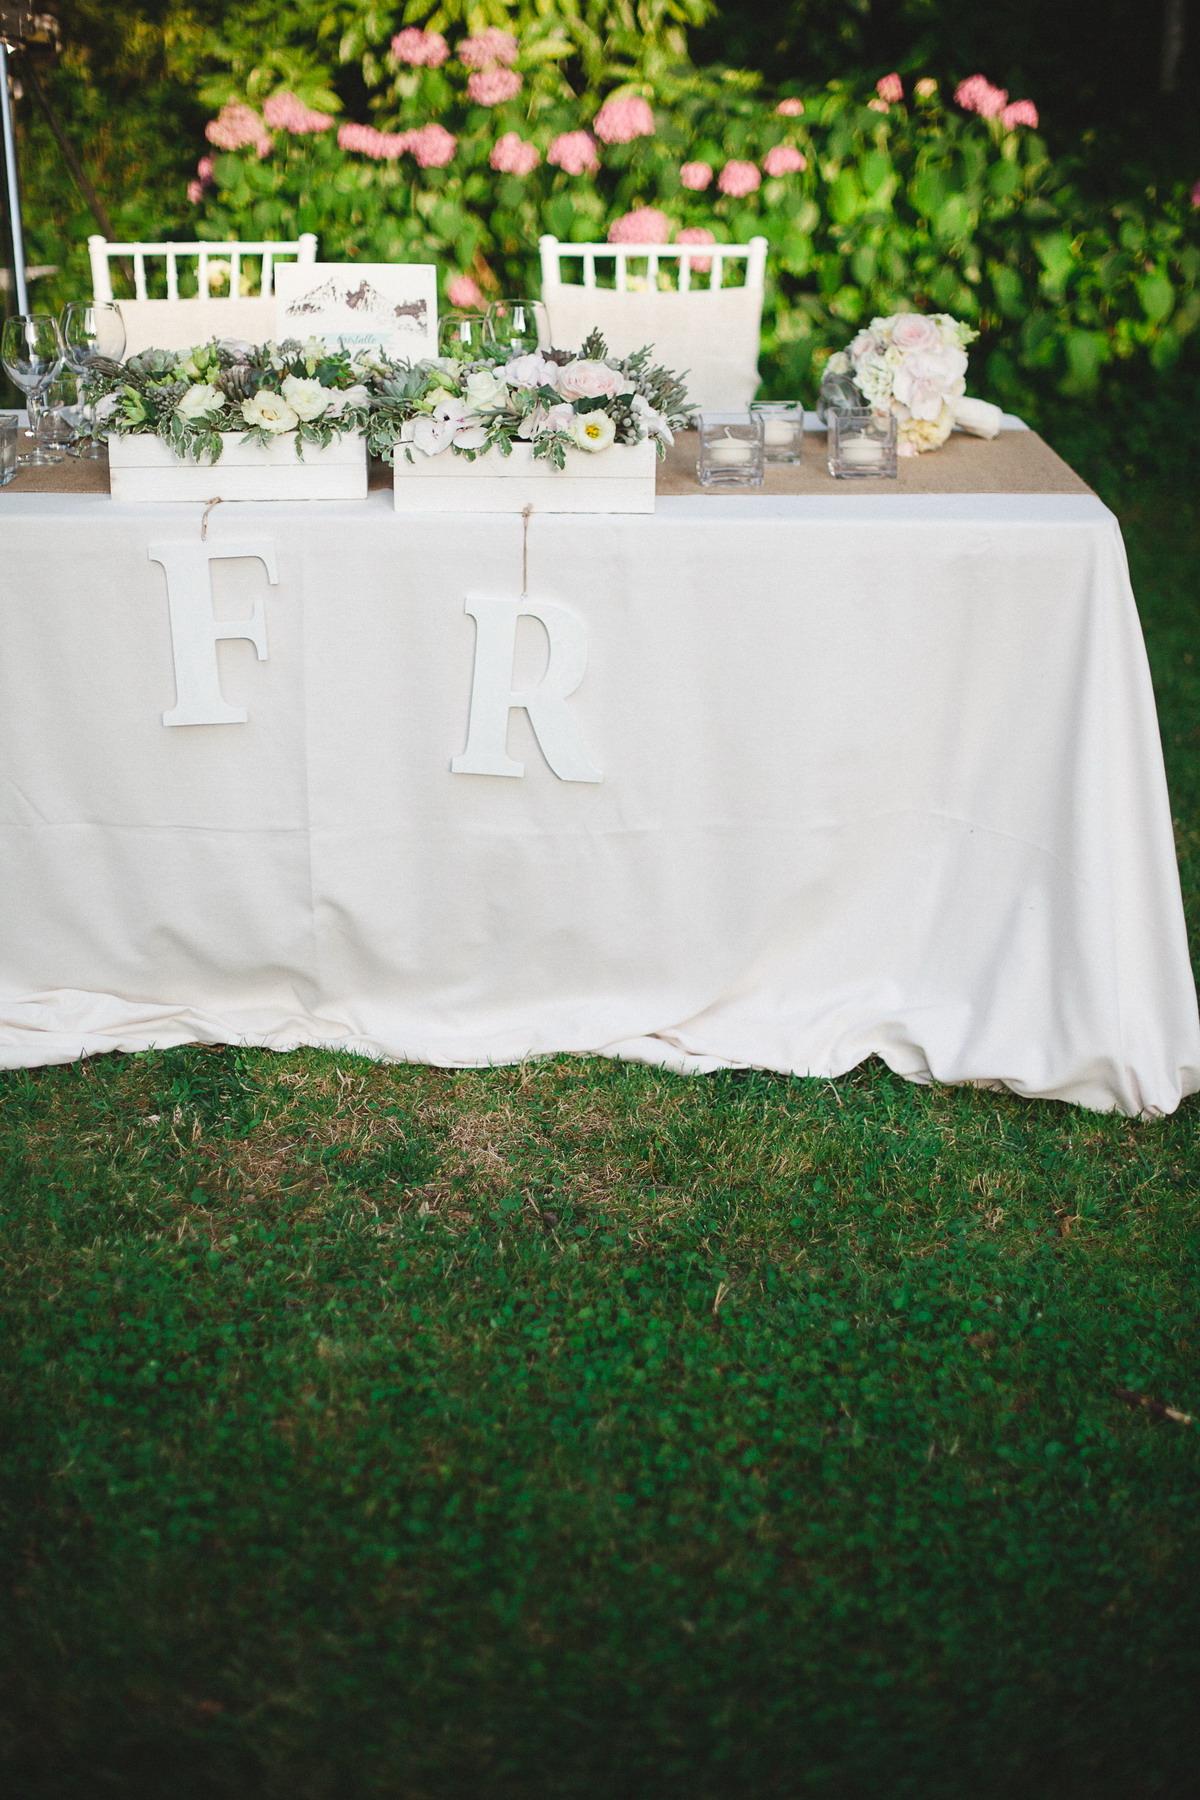 tavolo sposi con iniziali